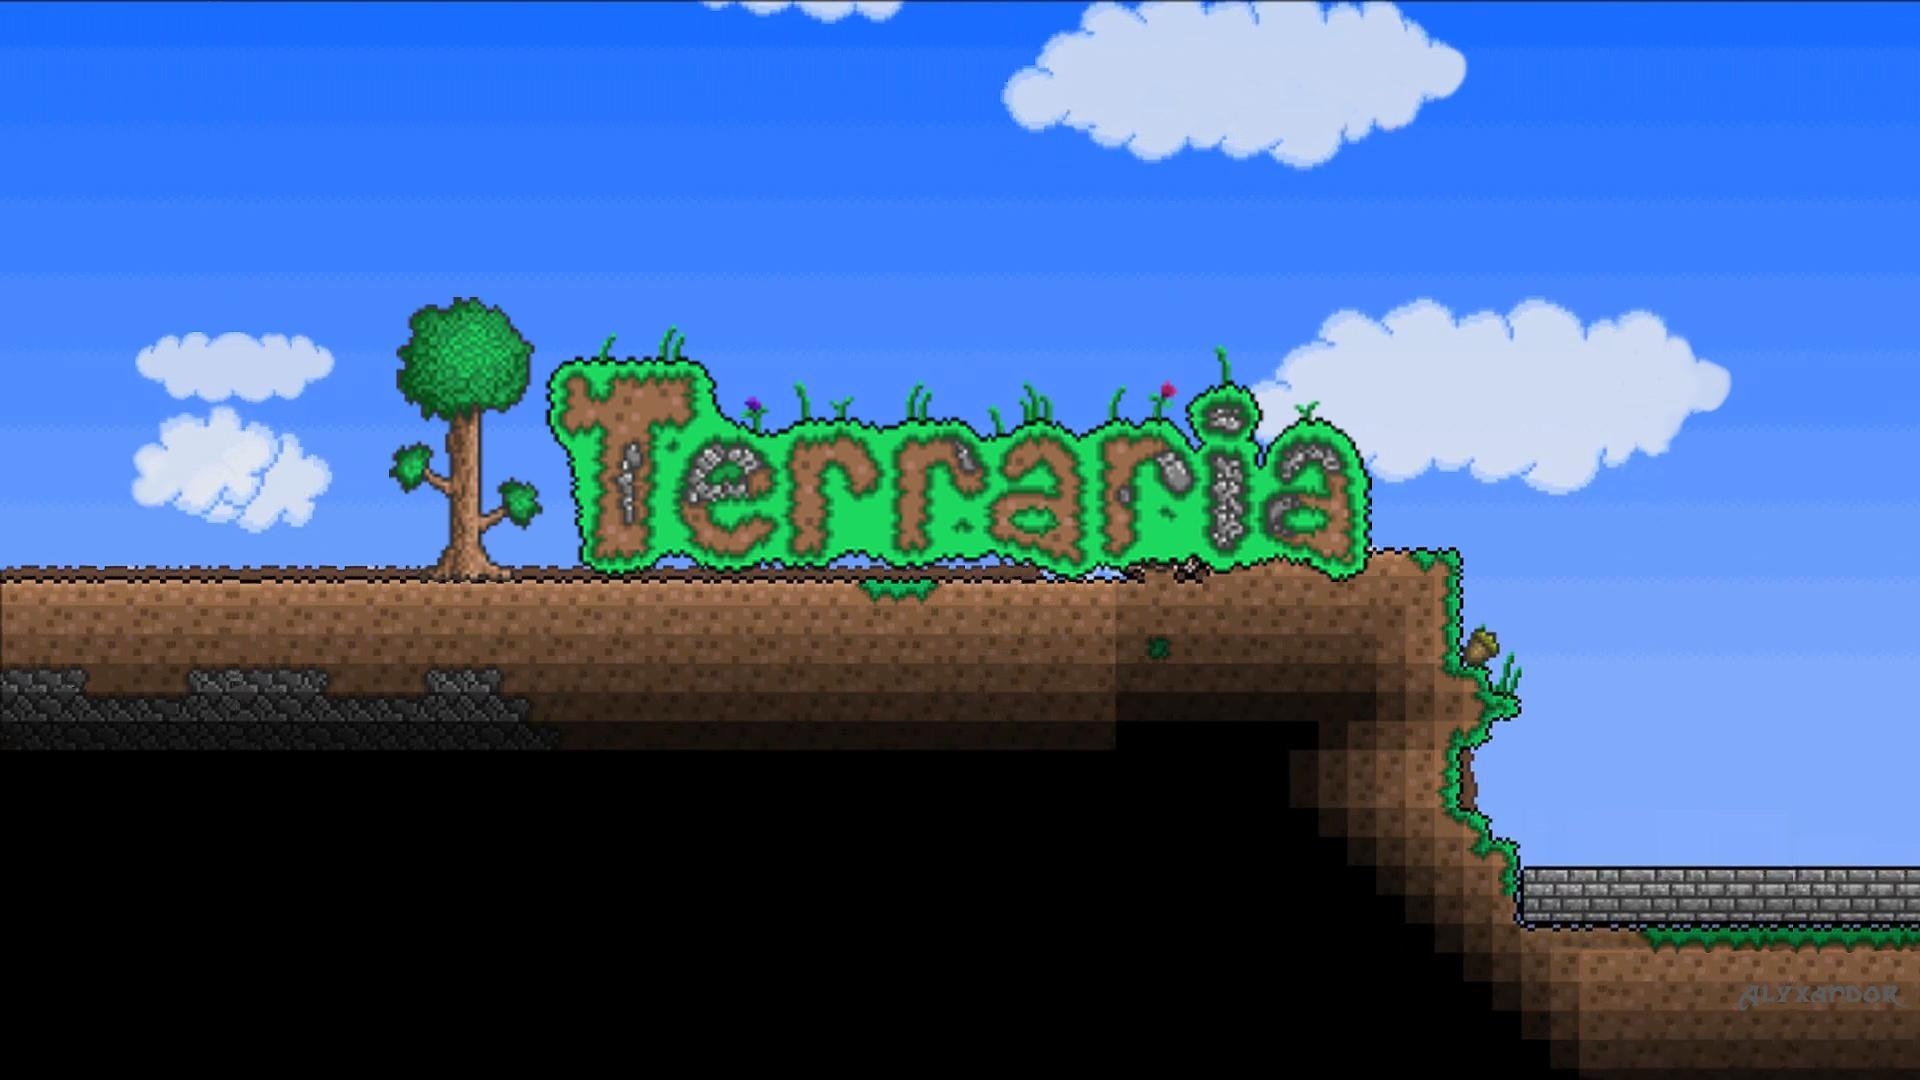 terraria wallpaper A3